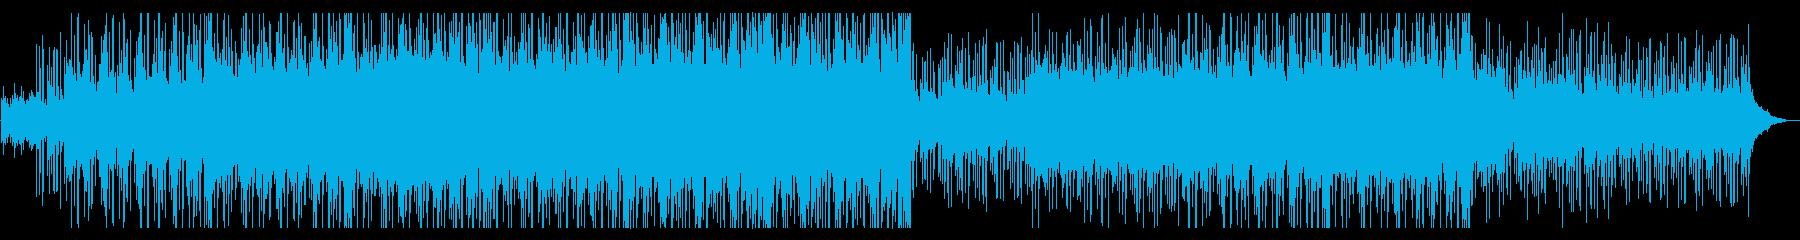 複数のピアノが折り重なる遠景を思わせる曲の再生済みの波形